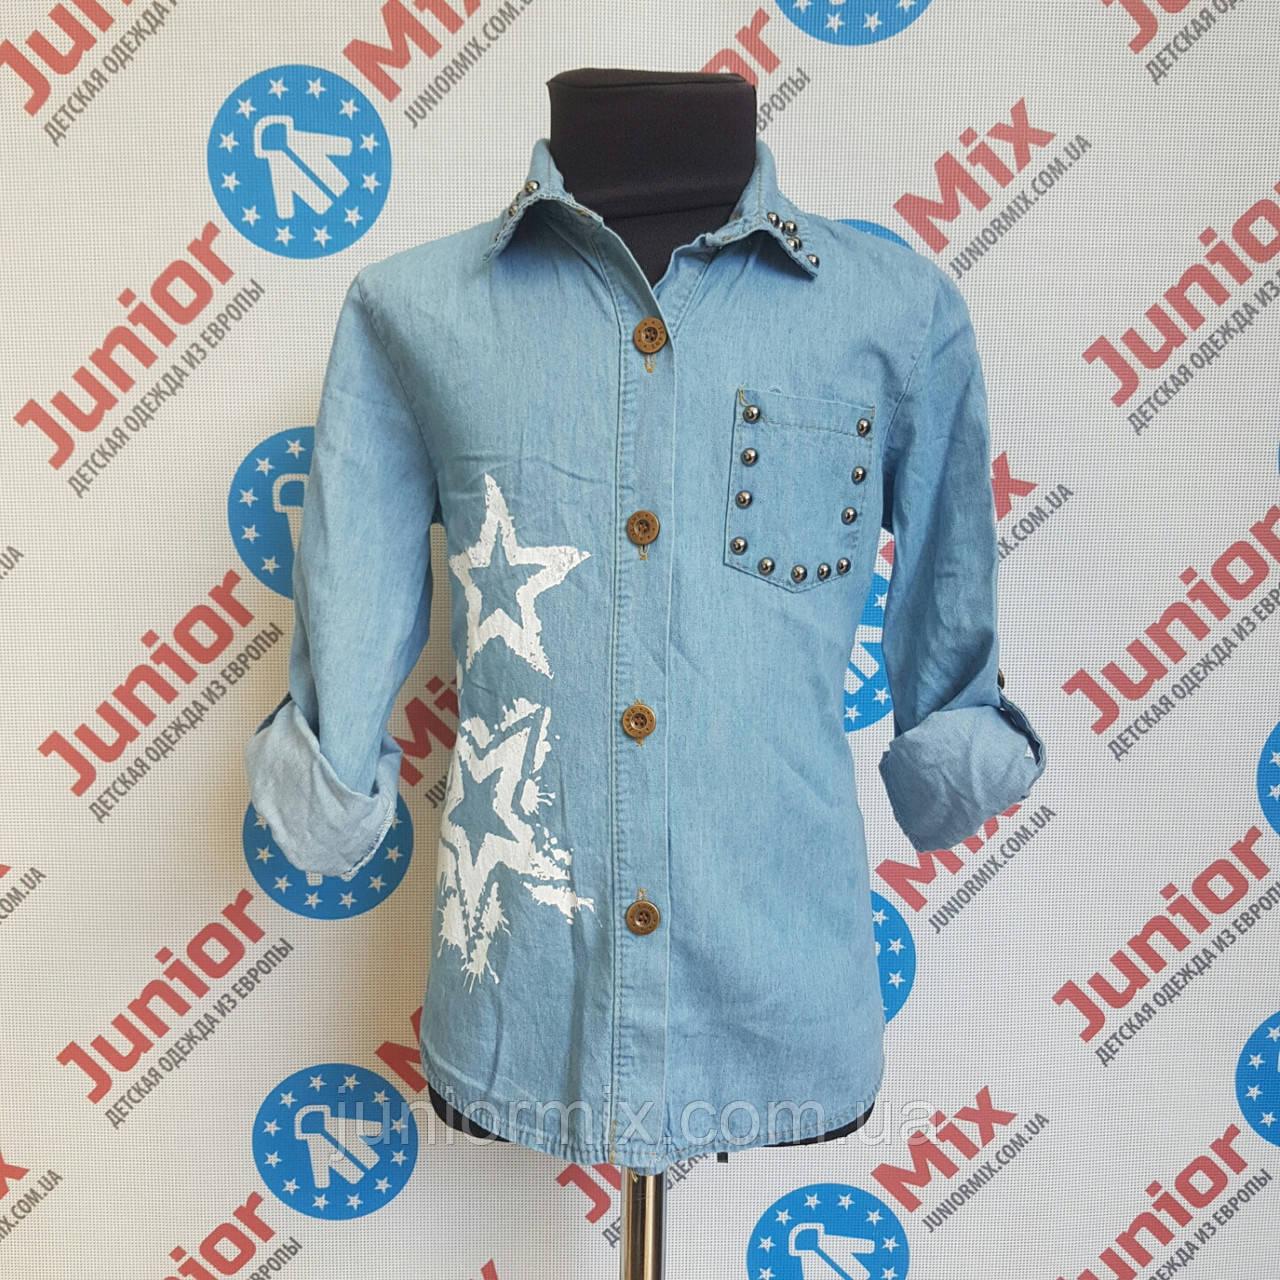 452705cc8e3 Купить Джинсовая рубашка на девочку ИТАЛИЯ в Хмельницком от компании ...